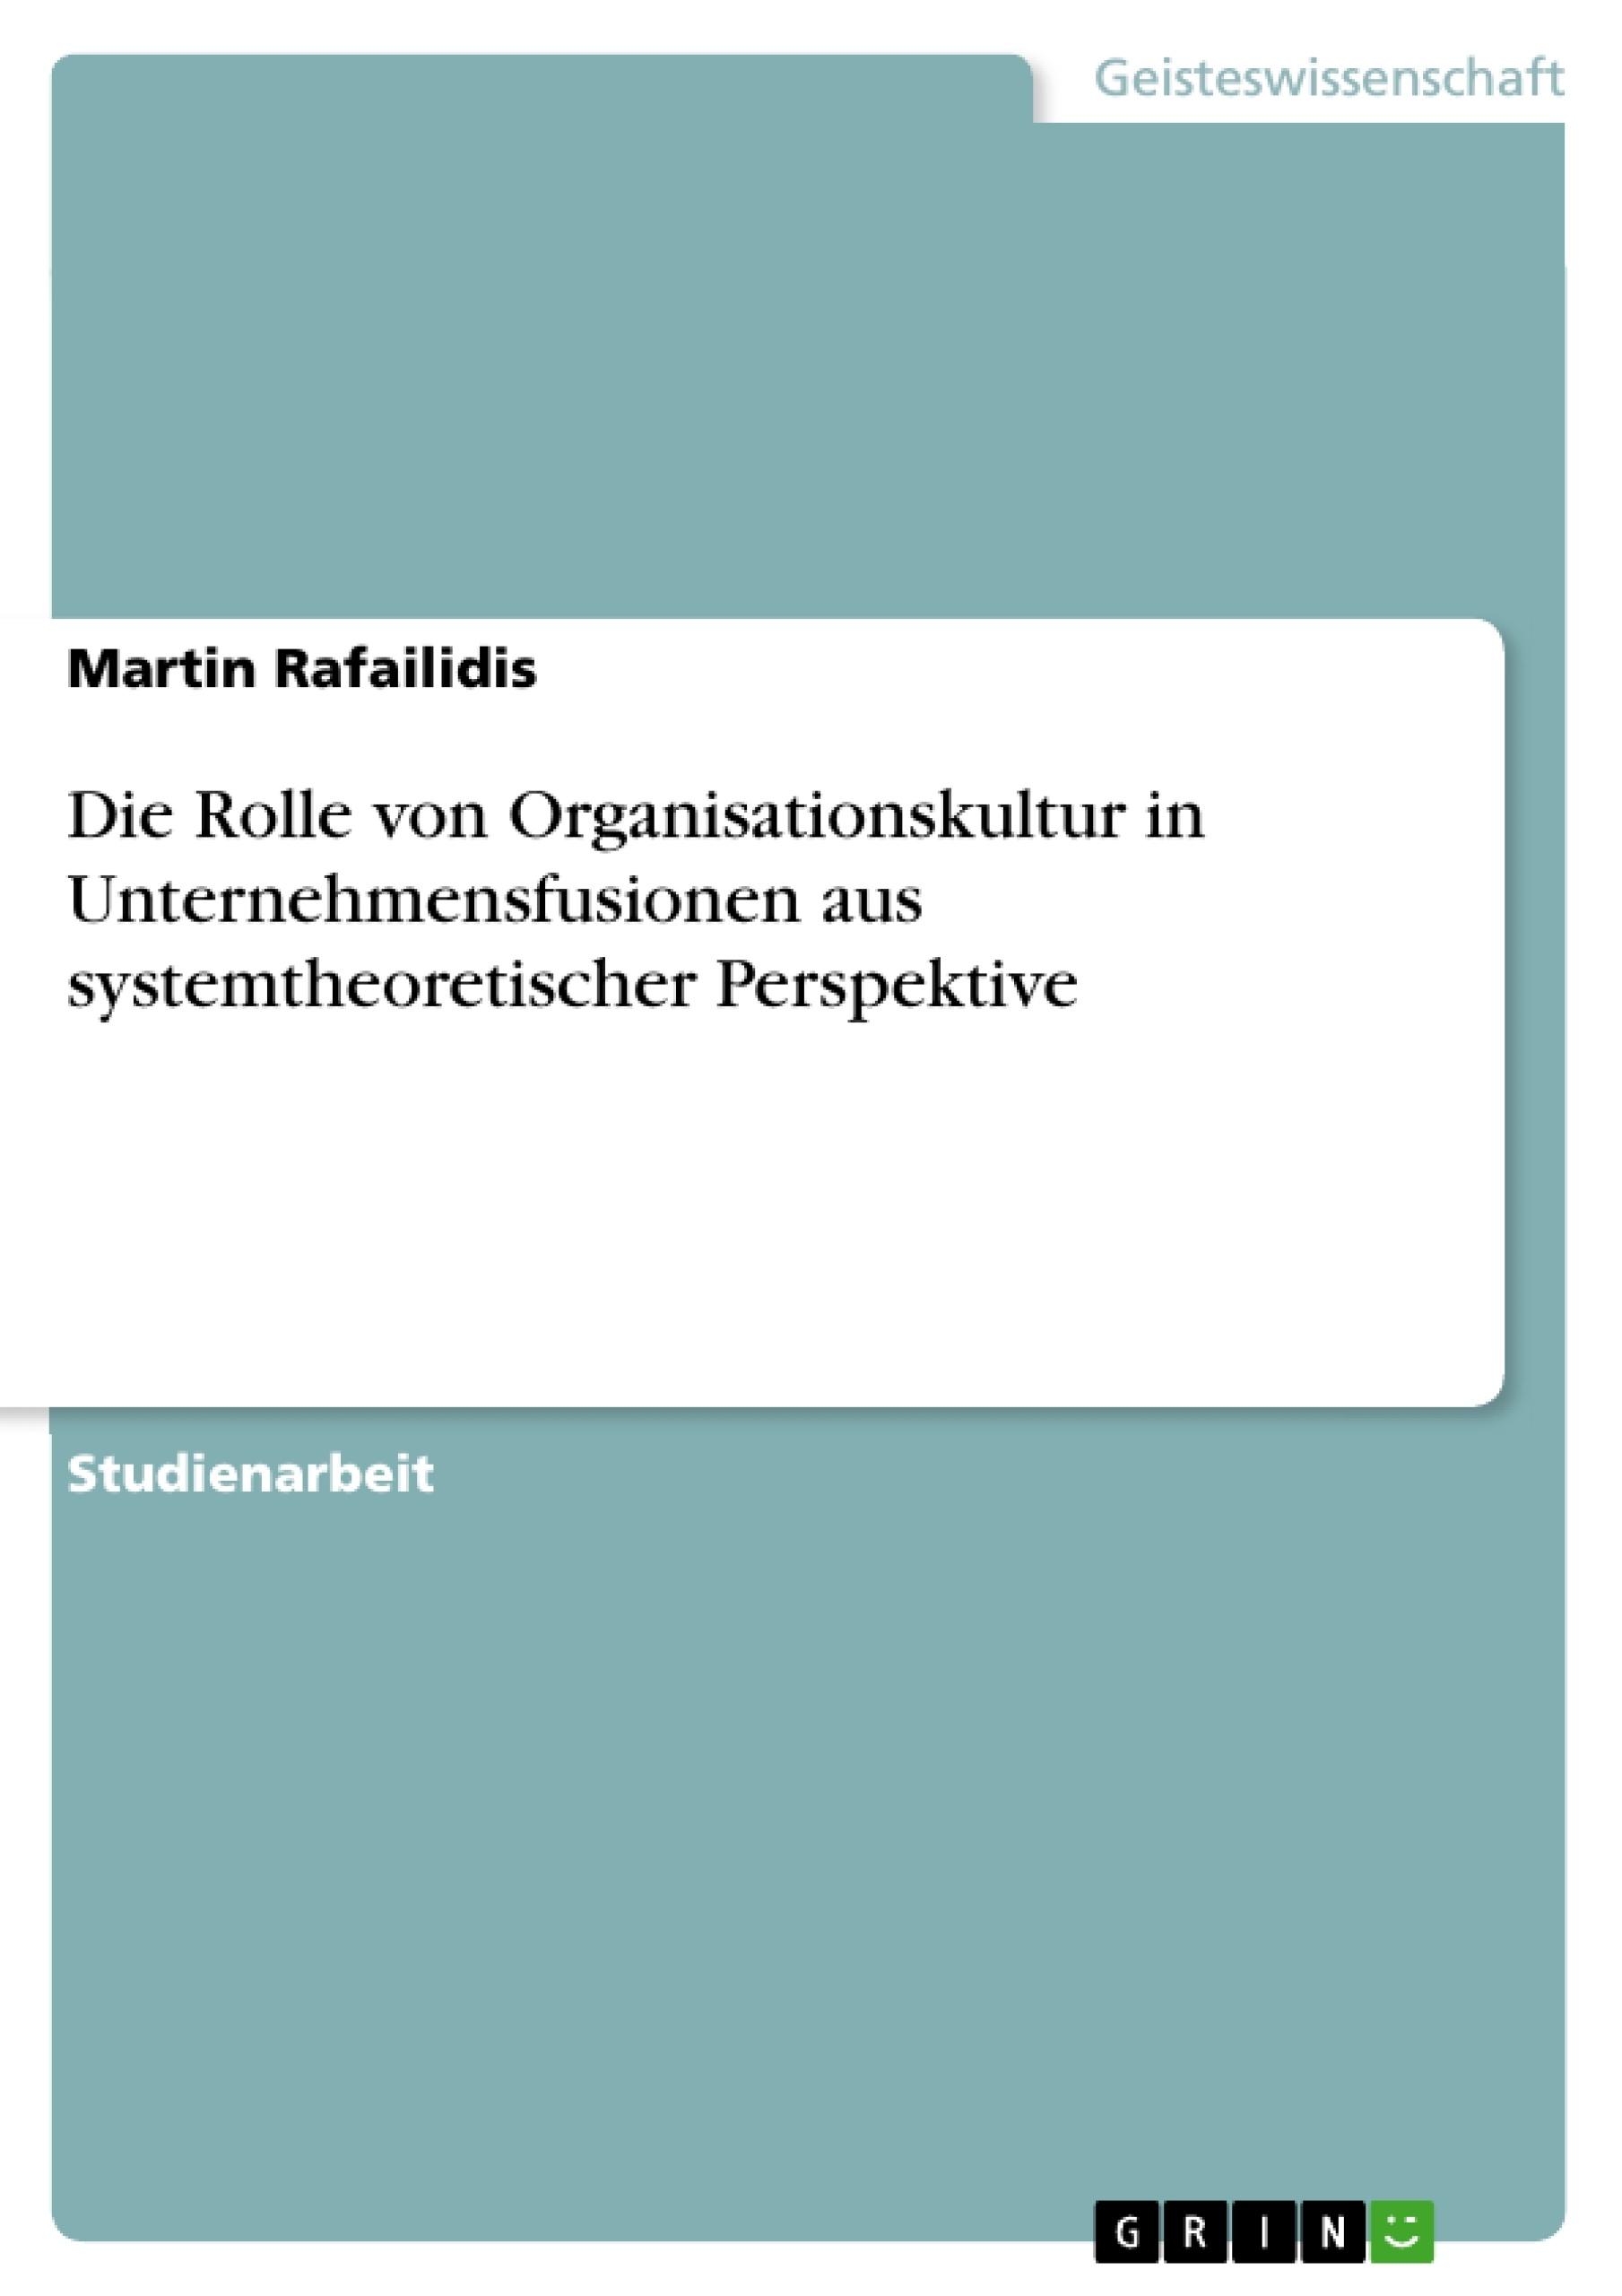 Titel: Die Rolle von Organisationskultur in Unternehmensfusionen aus systemtheoretischer Perspektive